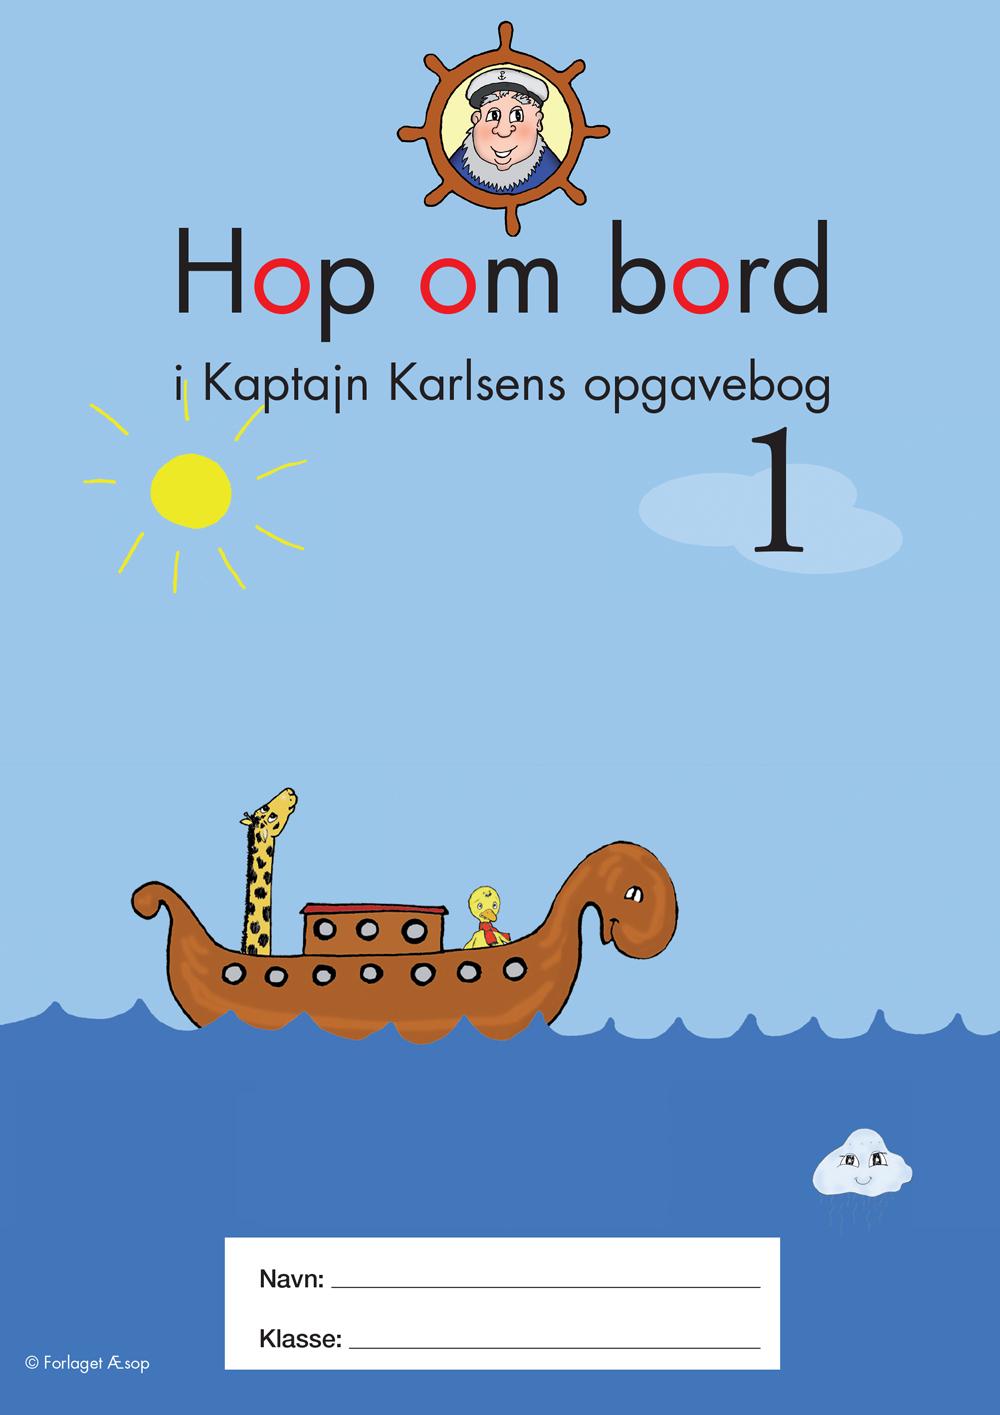 hop om bord Hop om bord i Kaptajn Karlsens opgavebog 1 hop om bord